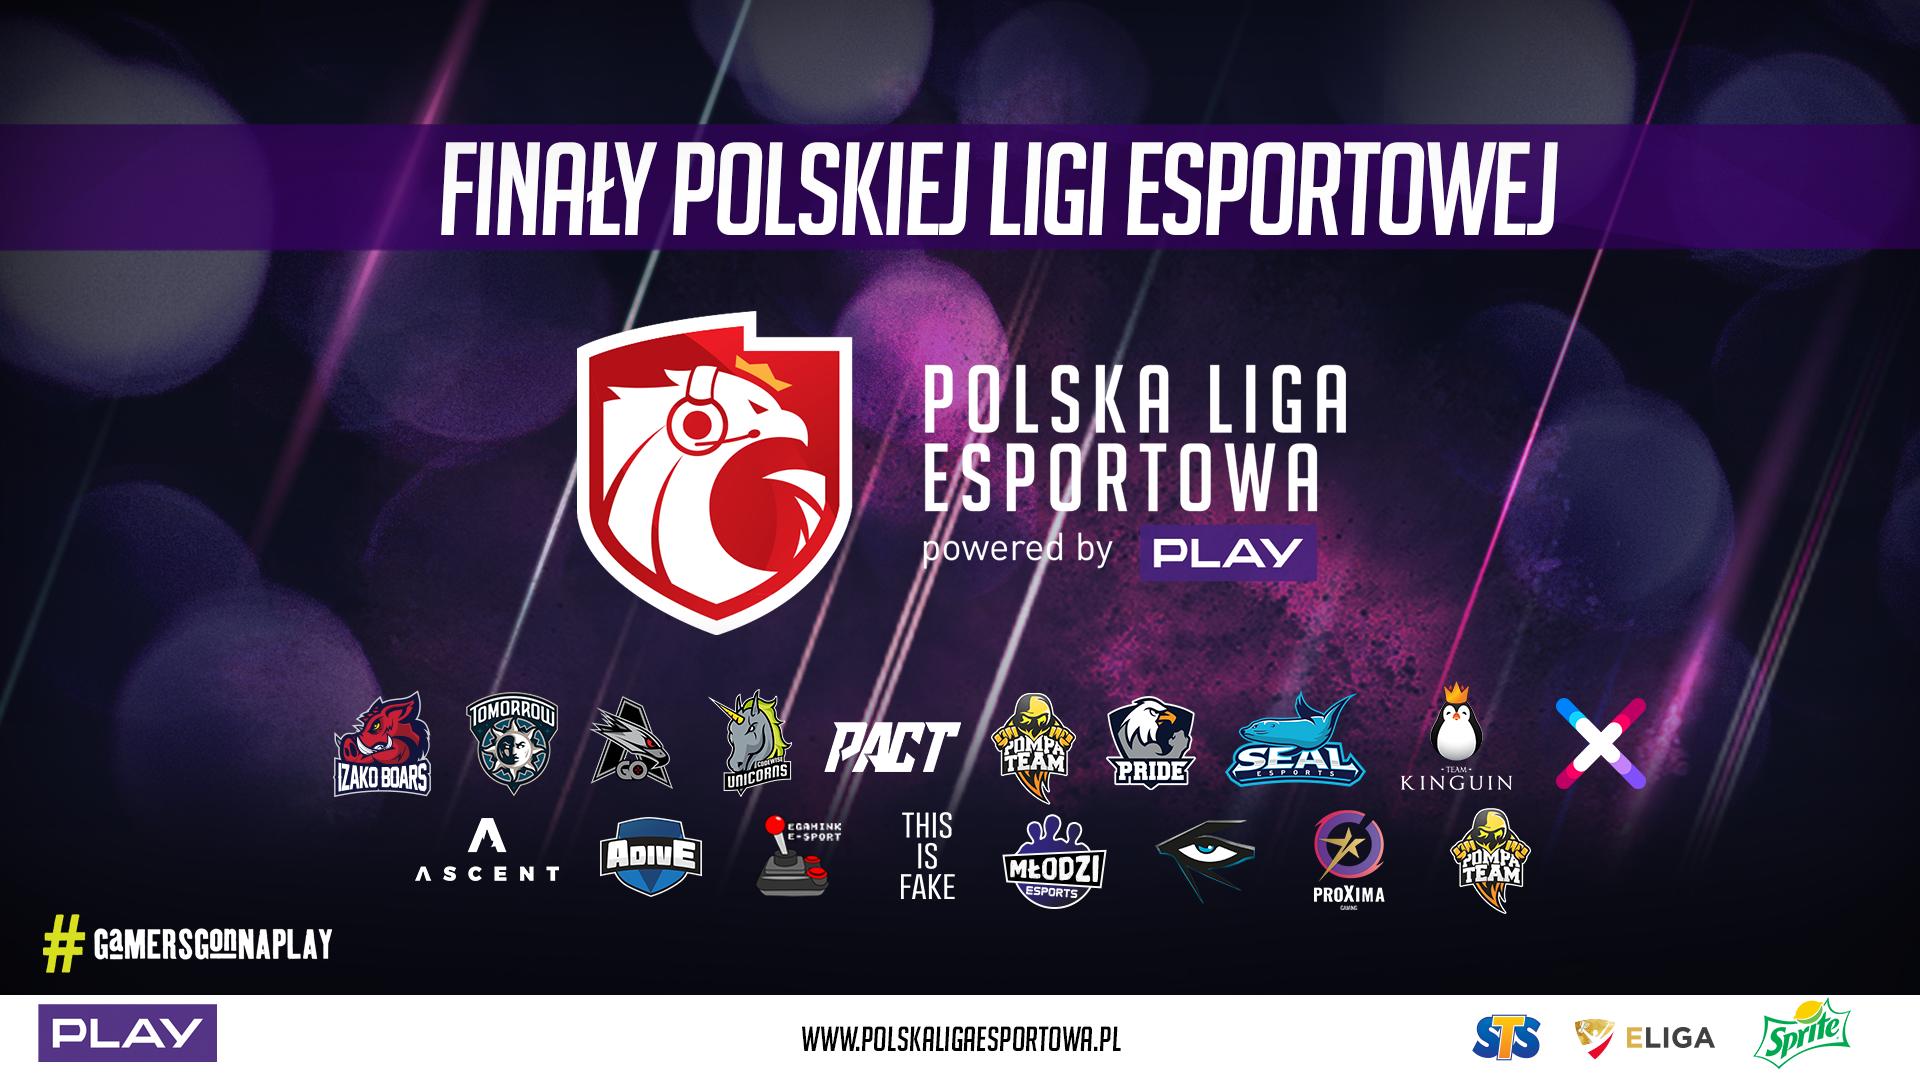 Polska Liga Esportowa: Gra o tron - czas na finały!